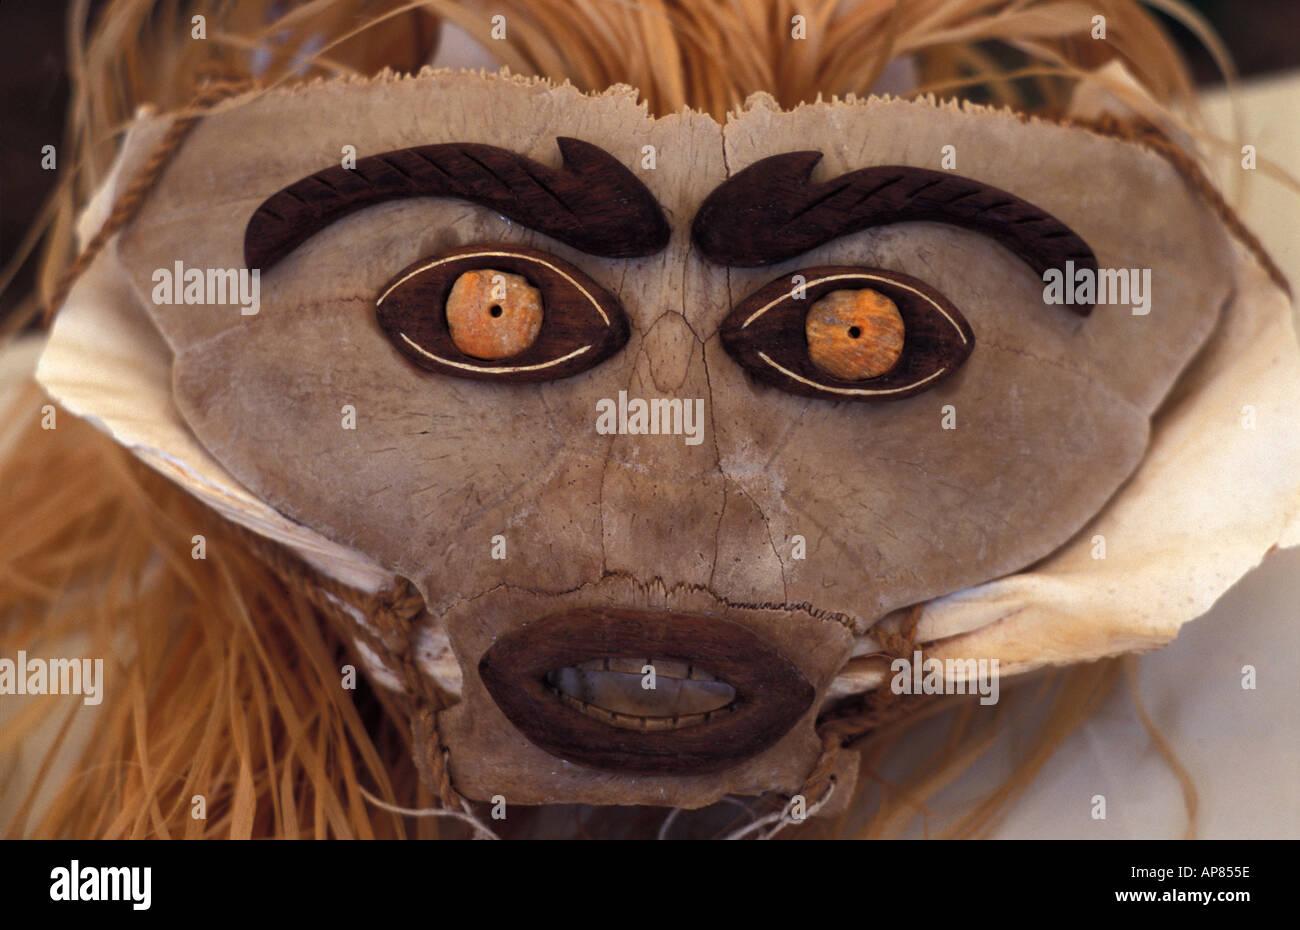 maschera facciale alle erbe